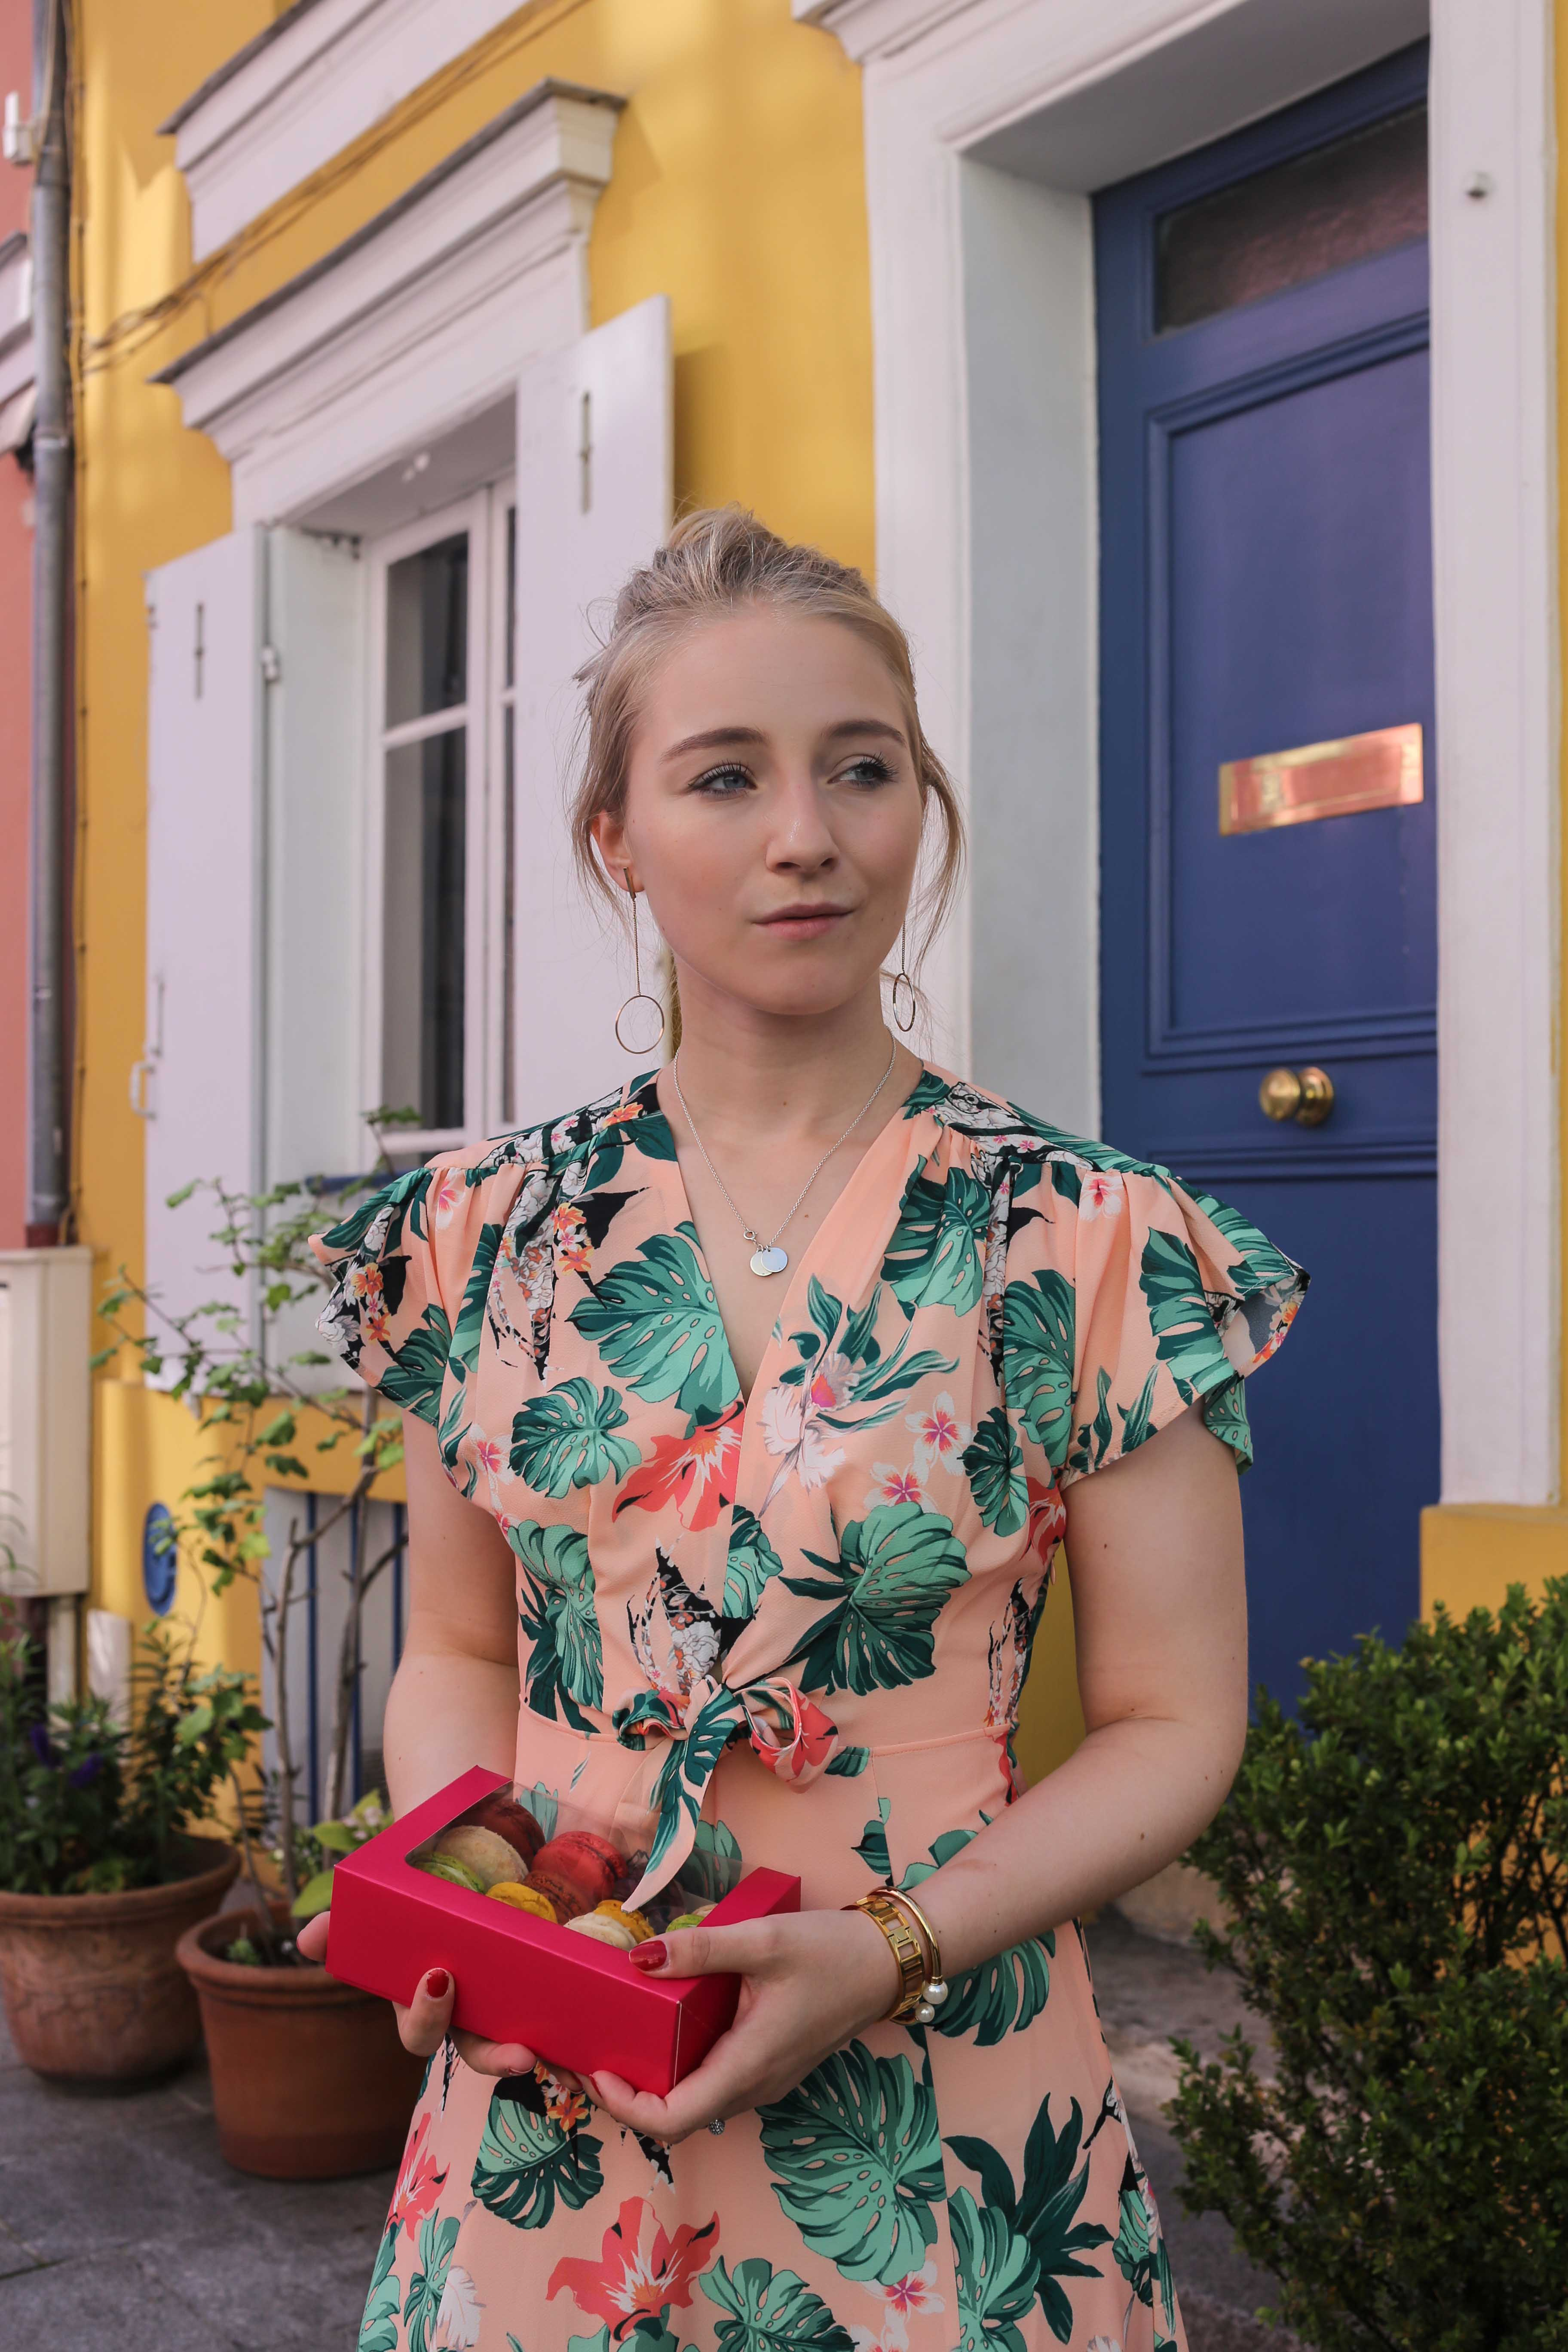 apricot-maxikleid-mules-sommer-paris-outfit-fashionblog-modeblog_1060